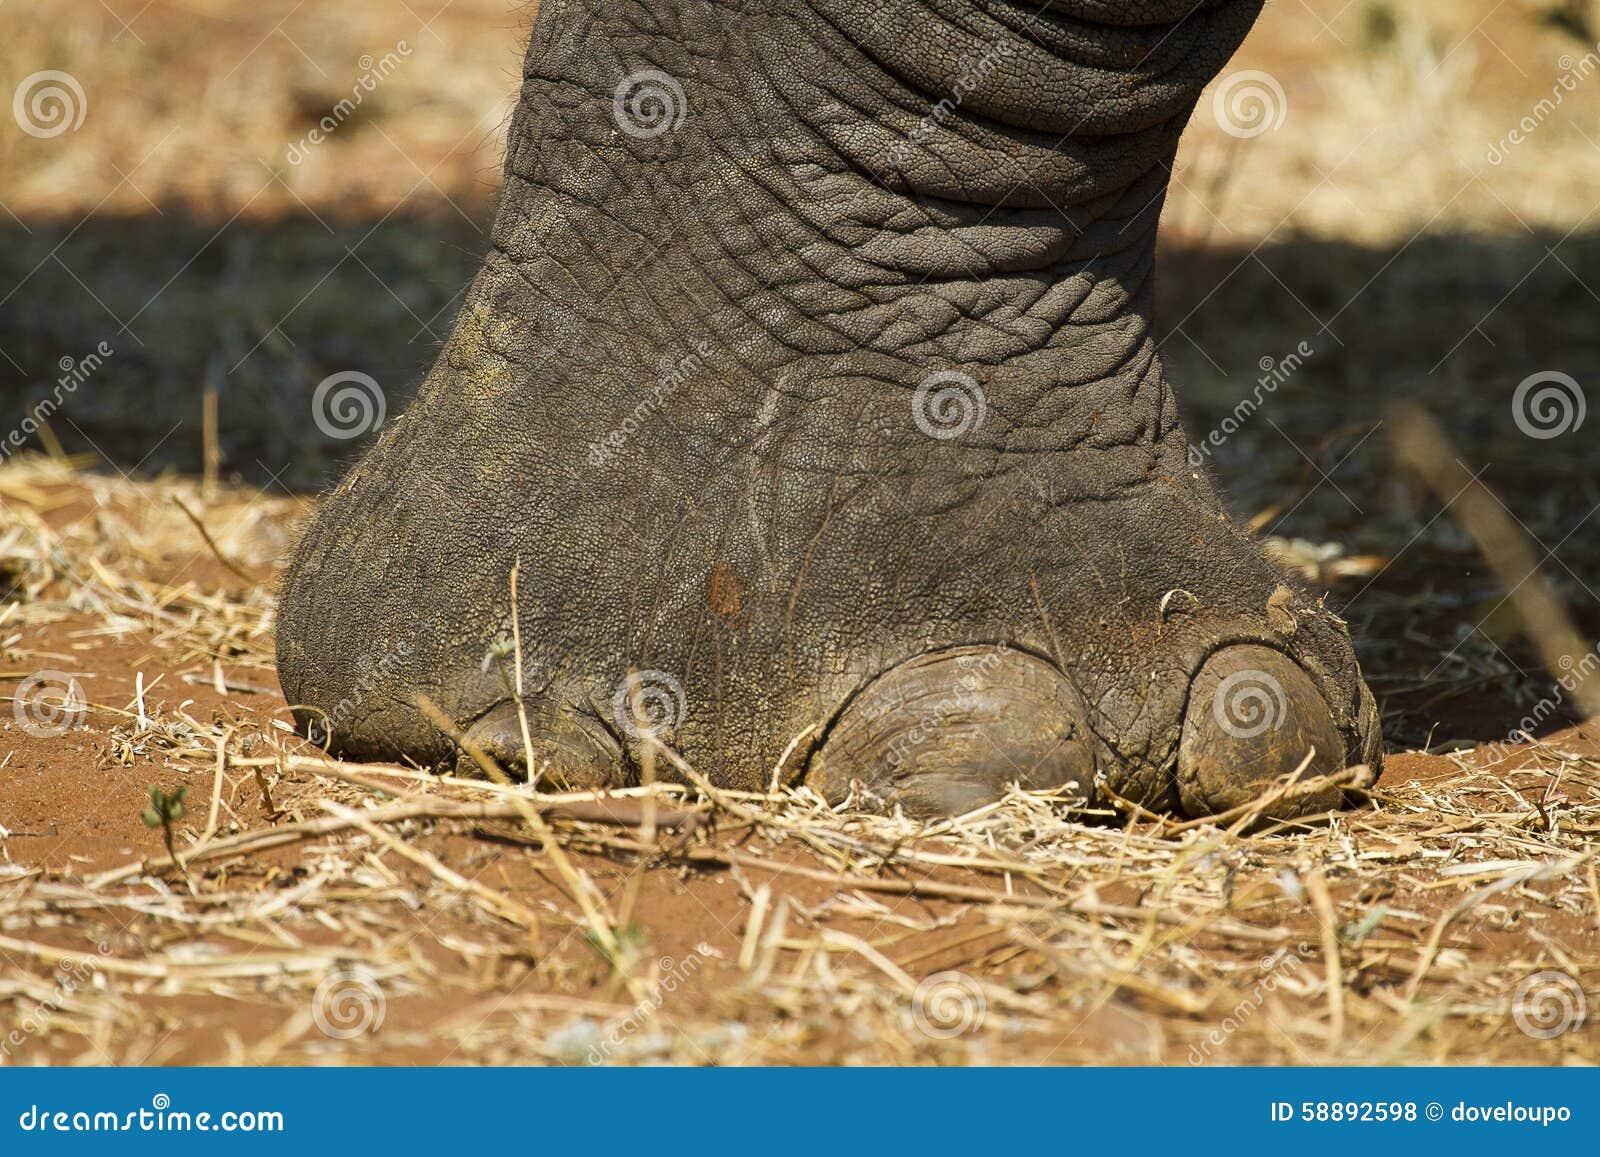 Afrikanische Elefant-Fuß stockfoto. Bild von botswana - 58892598